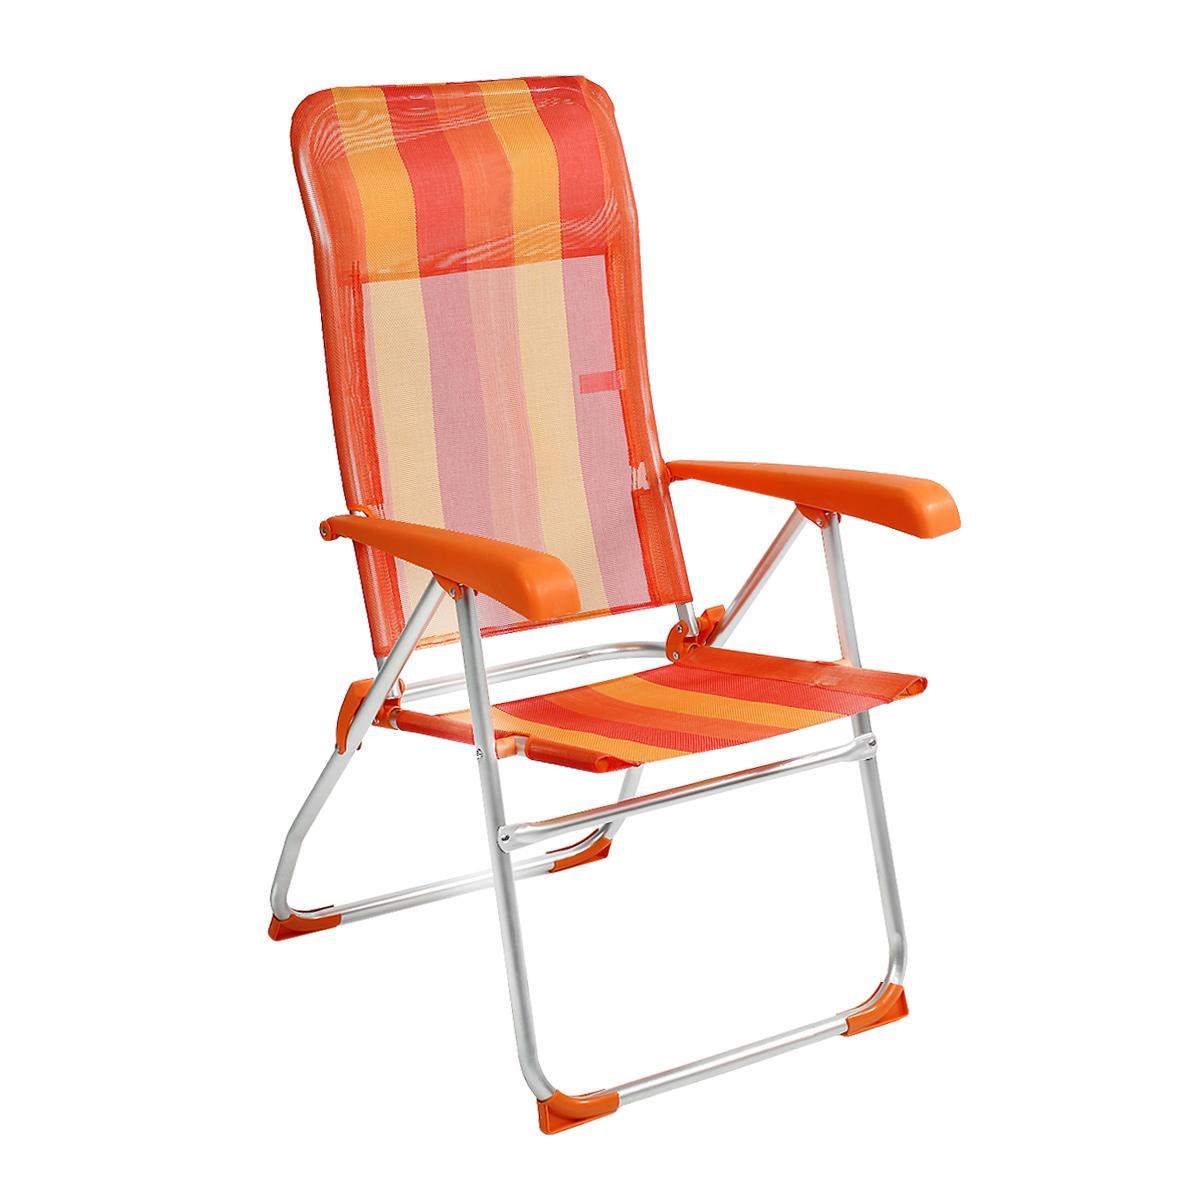 Кресло складное Happy Camper, цвет: желтый, оранжевыйНСД-2Кресло складное Happy Camper - это незаменимый предмет походной мебели, очень удобен в эксплуатации. Каркас кресла изготовлен из прочного и долговечного алюминиевого сплава, устойчивого к погодным условиям, и оснащенный простым и безопасным механизмом регулировки и фиксации. Подлокотники выполнены из пластика. Кресло легко собирается и разбирается и не занимает много места, поэтому подходит для транспортировки и хранения дома. Складное кресло прекрасно подойдет для комфортного отдыха на даче или в походе. Характеристики: Материал: текстилен 1х1, алюминий. Размеры кресла в разложенном состоянии: 61 см х 64 см х 110 см. Максимальная нагрузка: 110 кг.